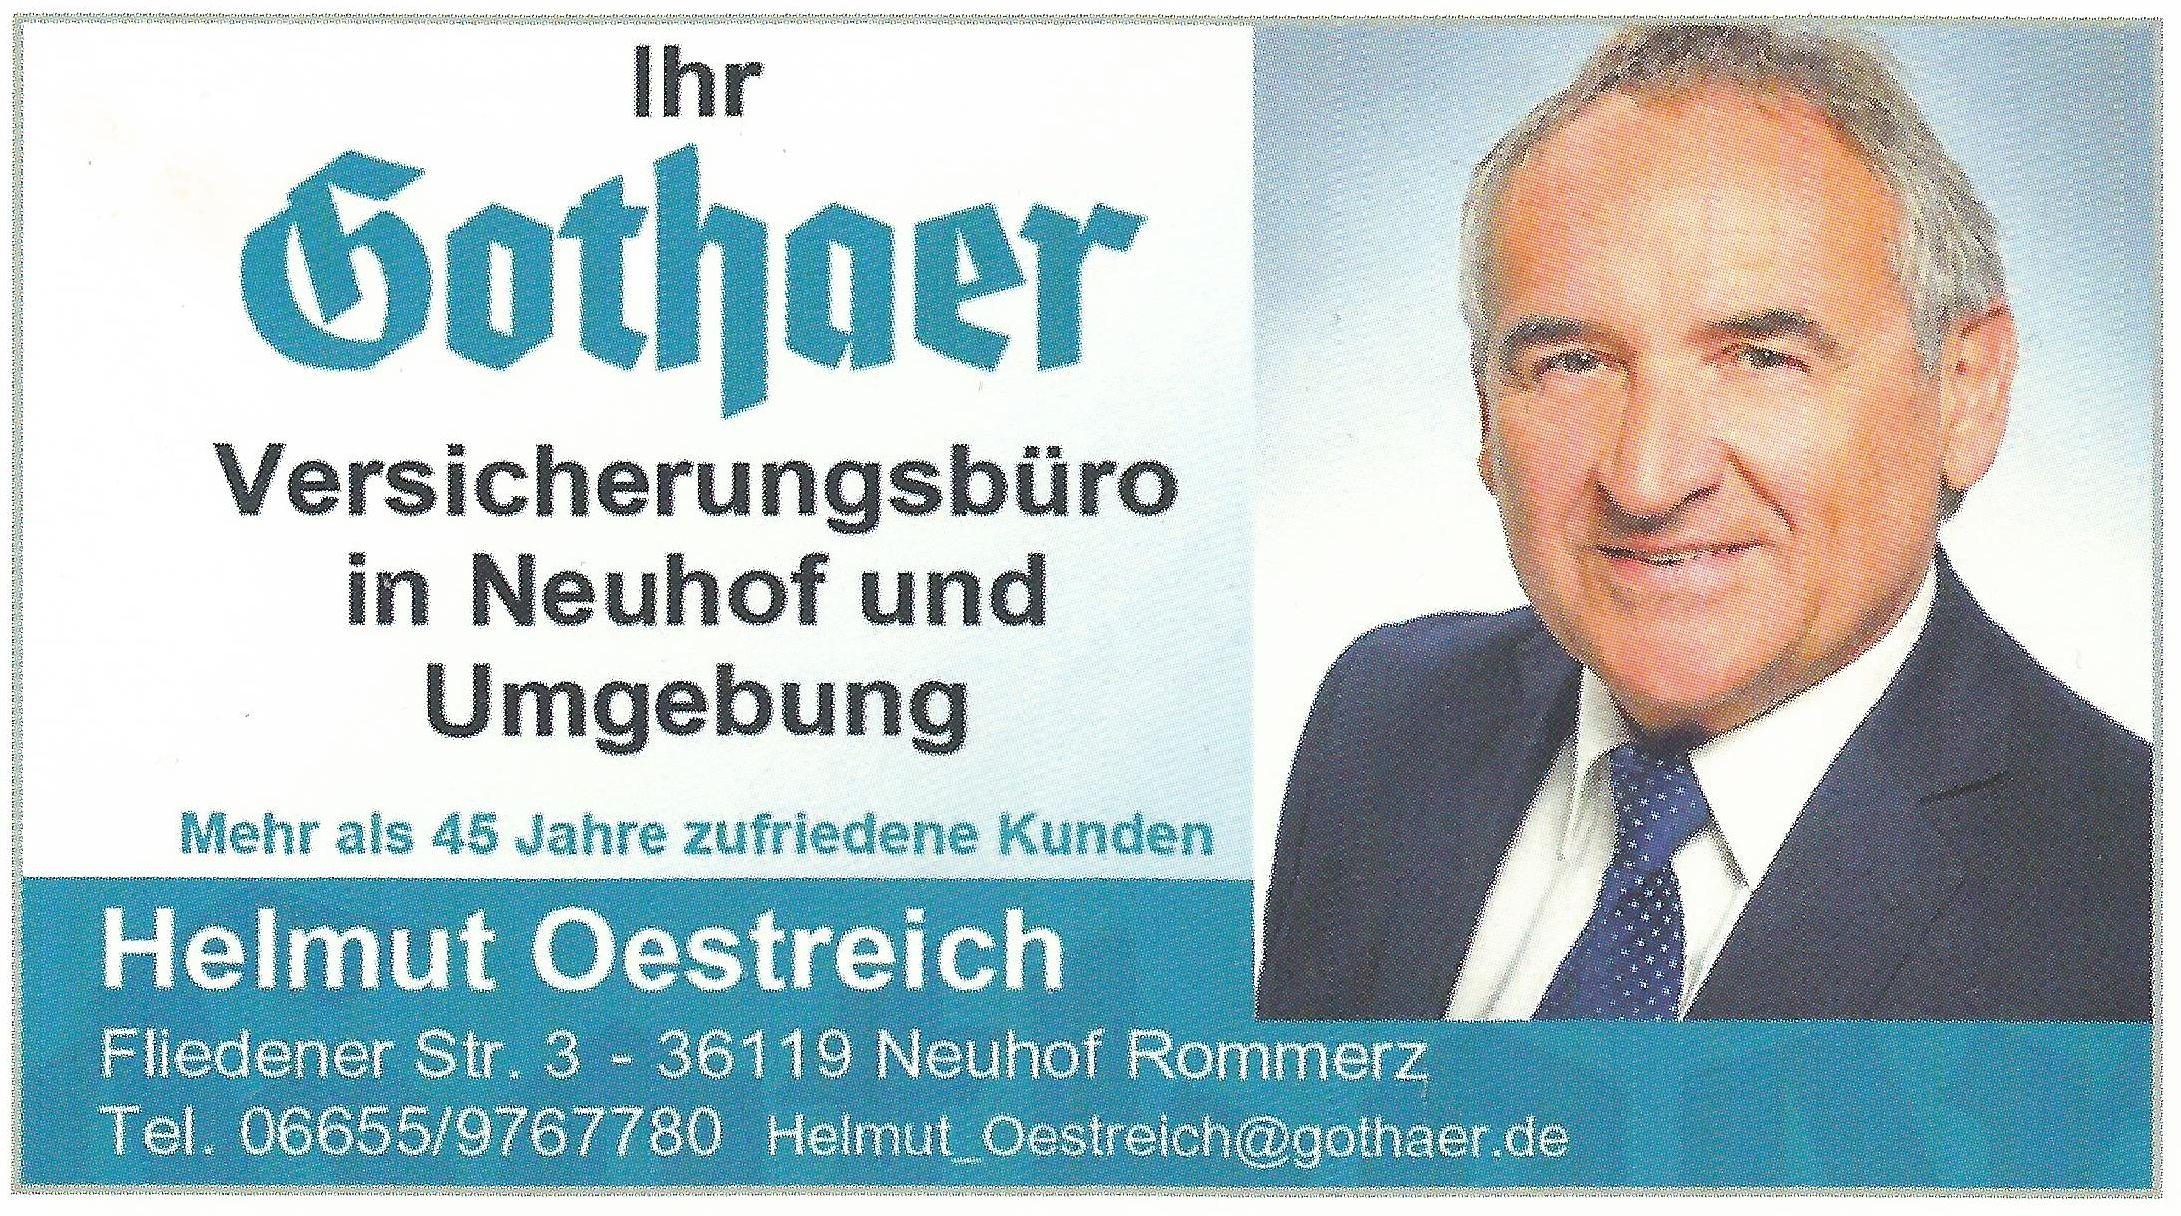 Oestreich